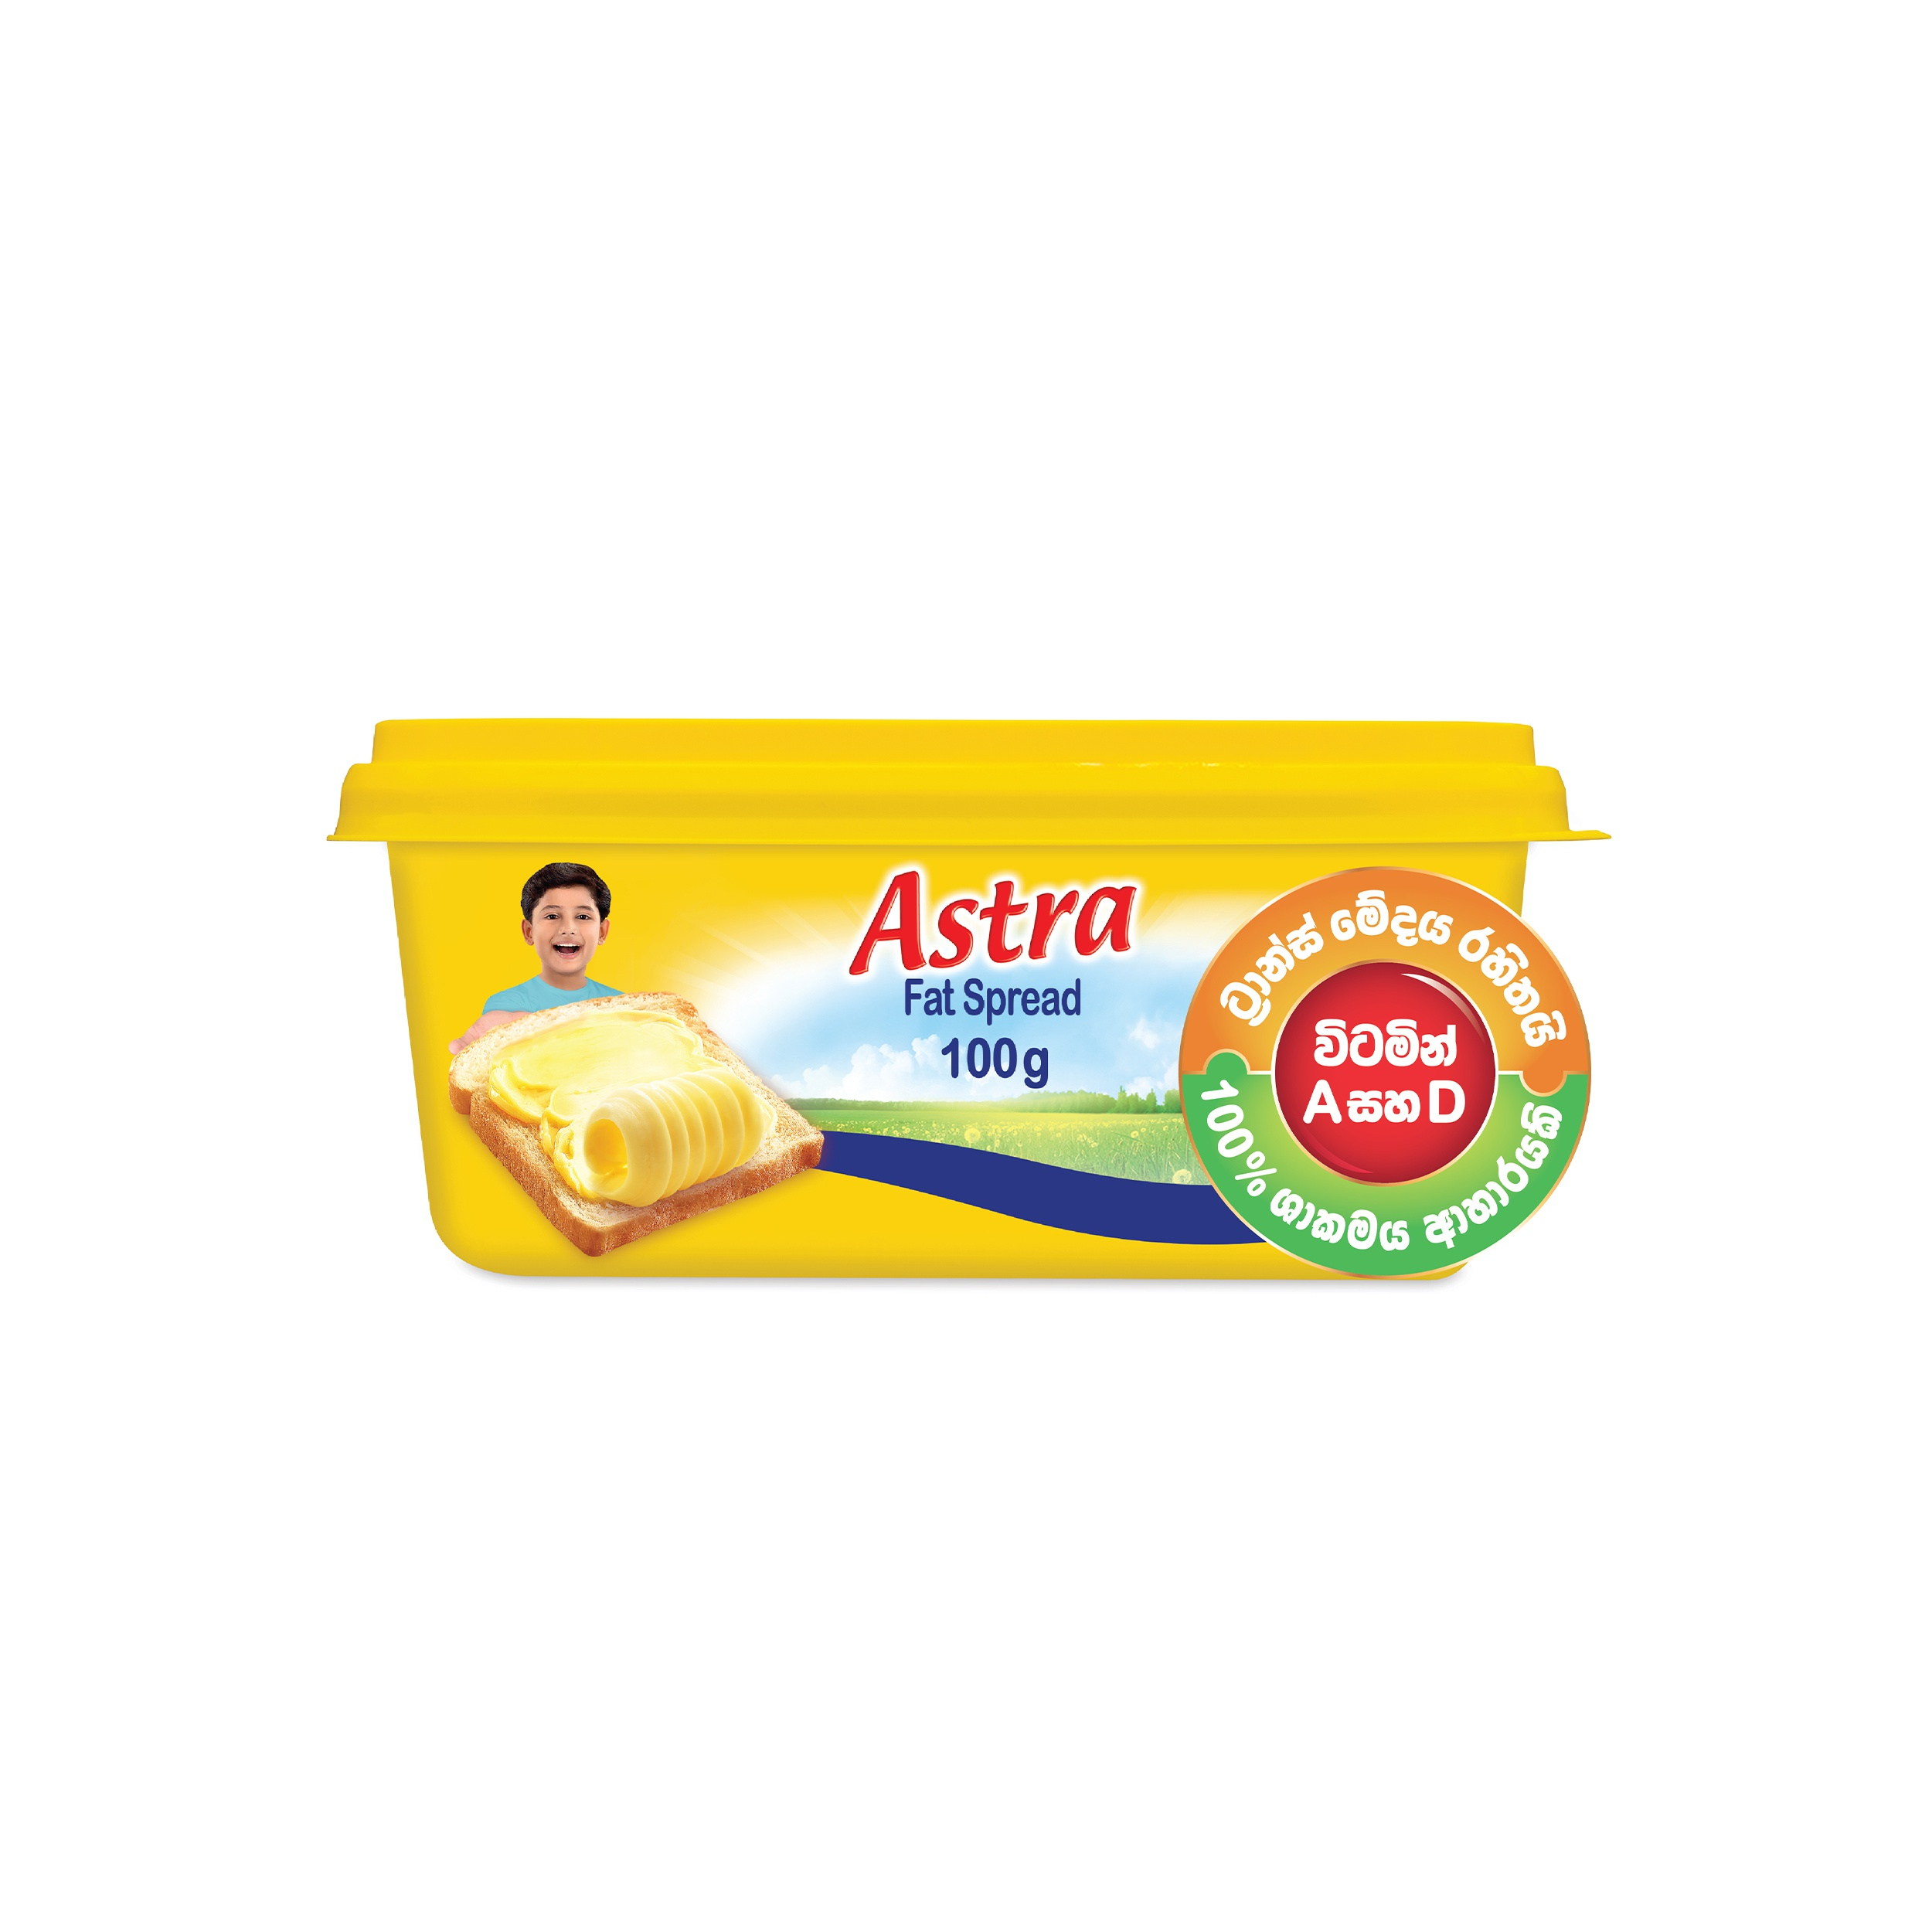 Astra Multi-Purpose Margarine/ Fat Spread 100G - ASTRA - Spreads - in Sri Lanka